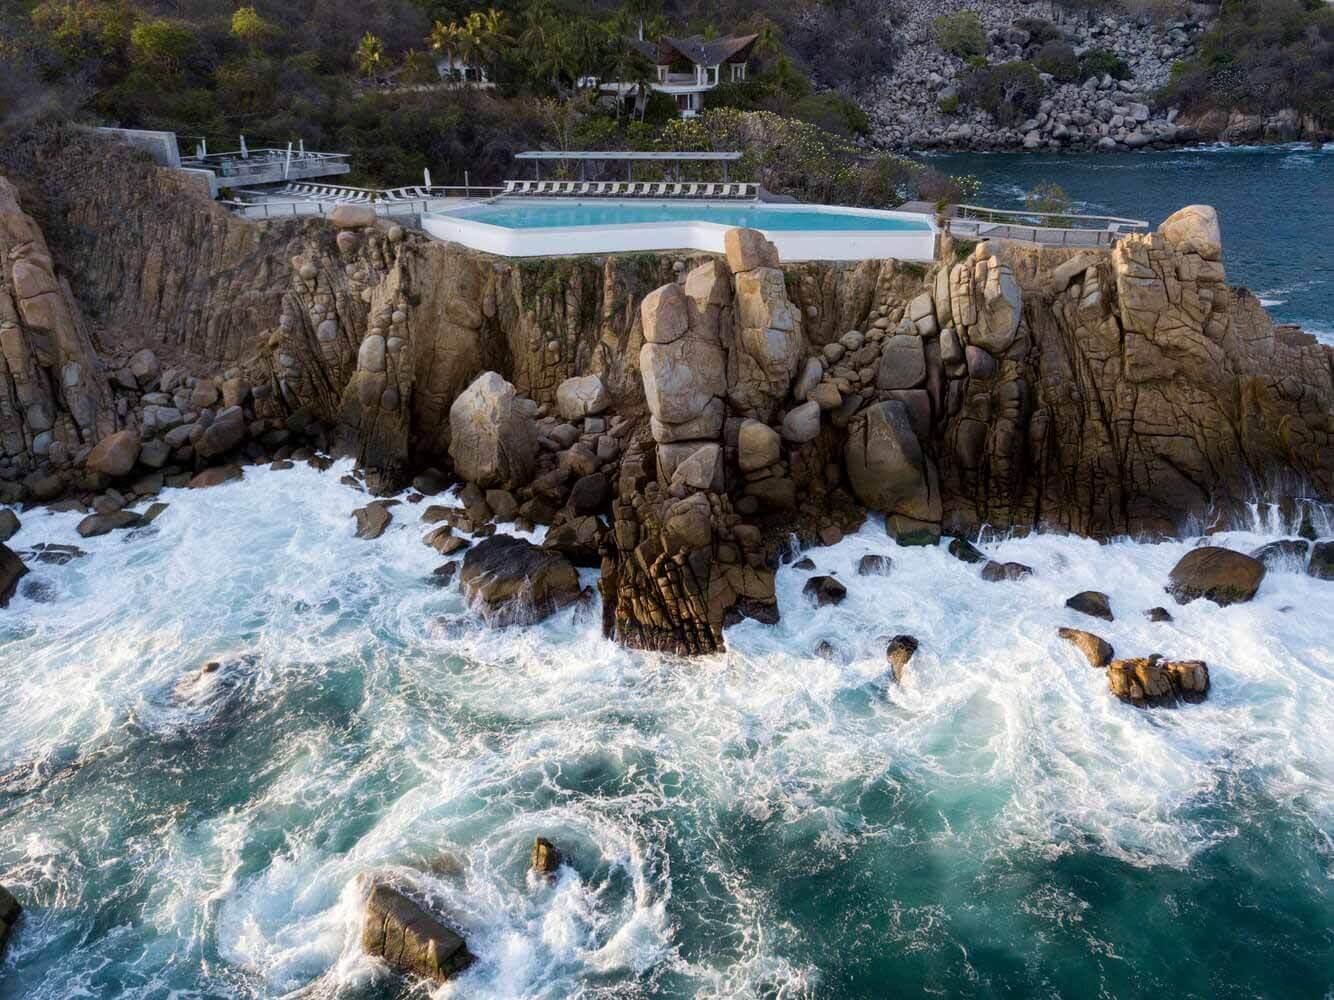 Архитектура в Мексике: проекты, выделяющие побережье Герреро